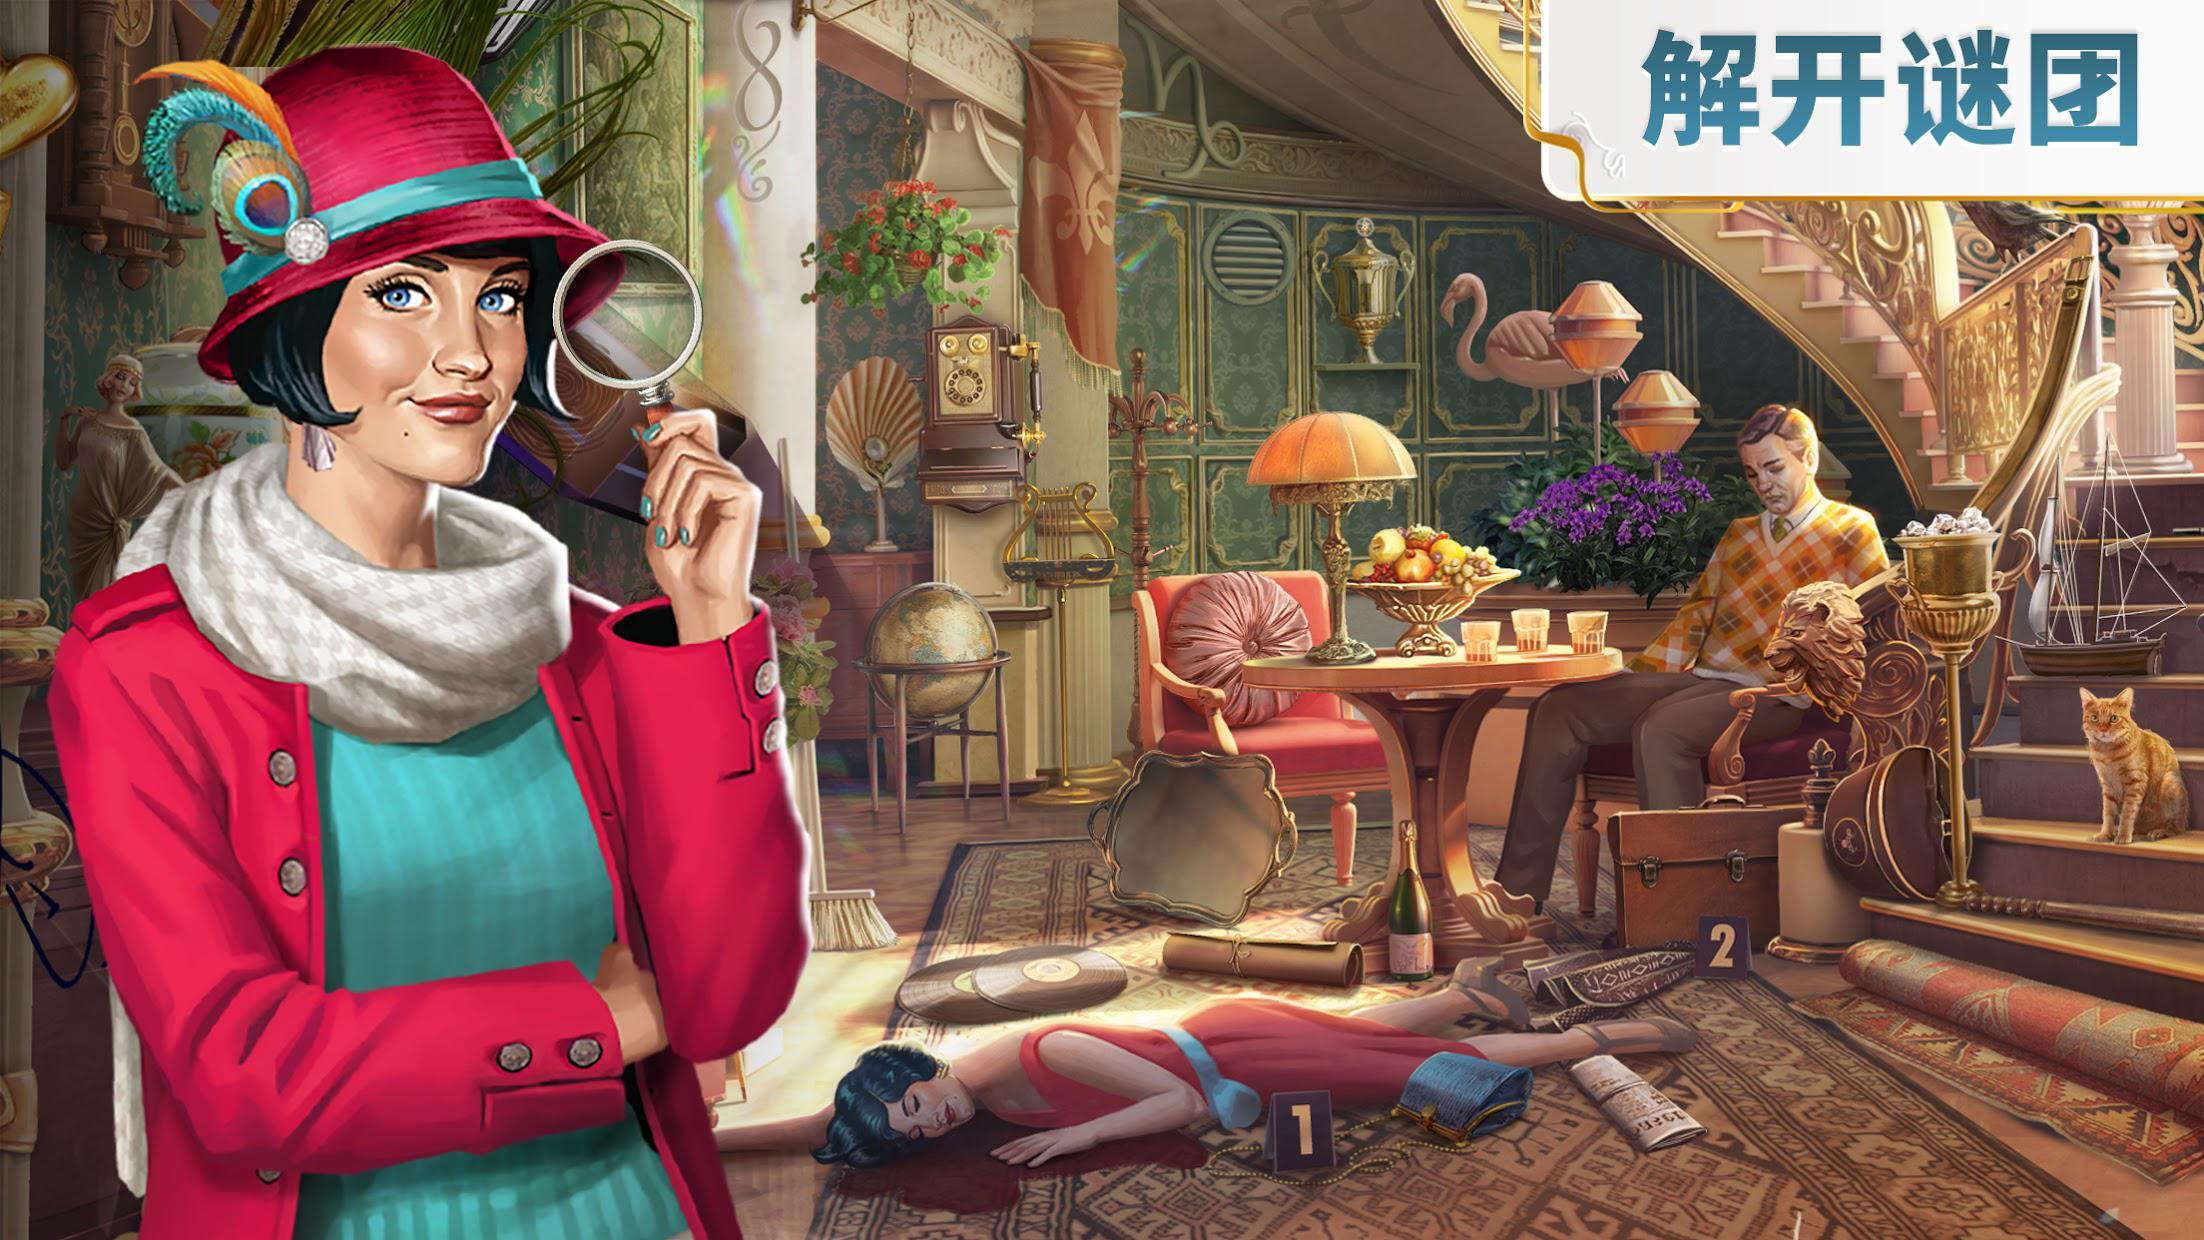 琼的奇妙旅程:寻物解谜 游戏截图1